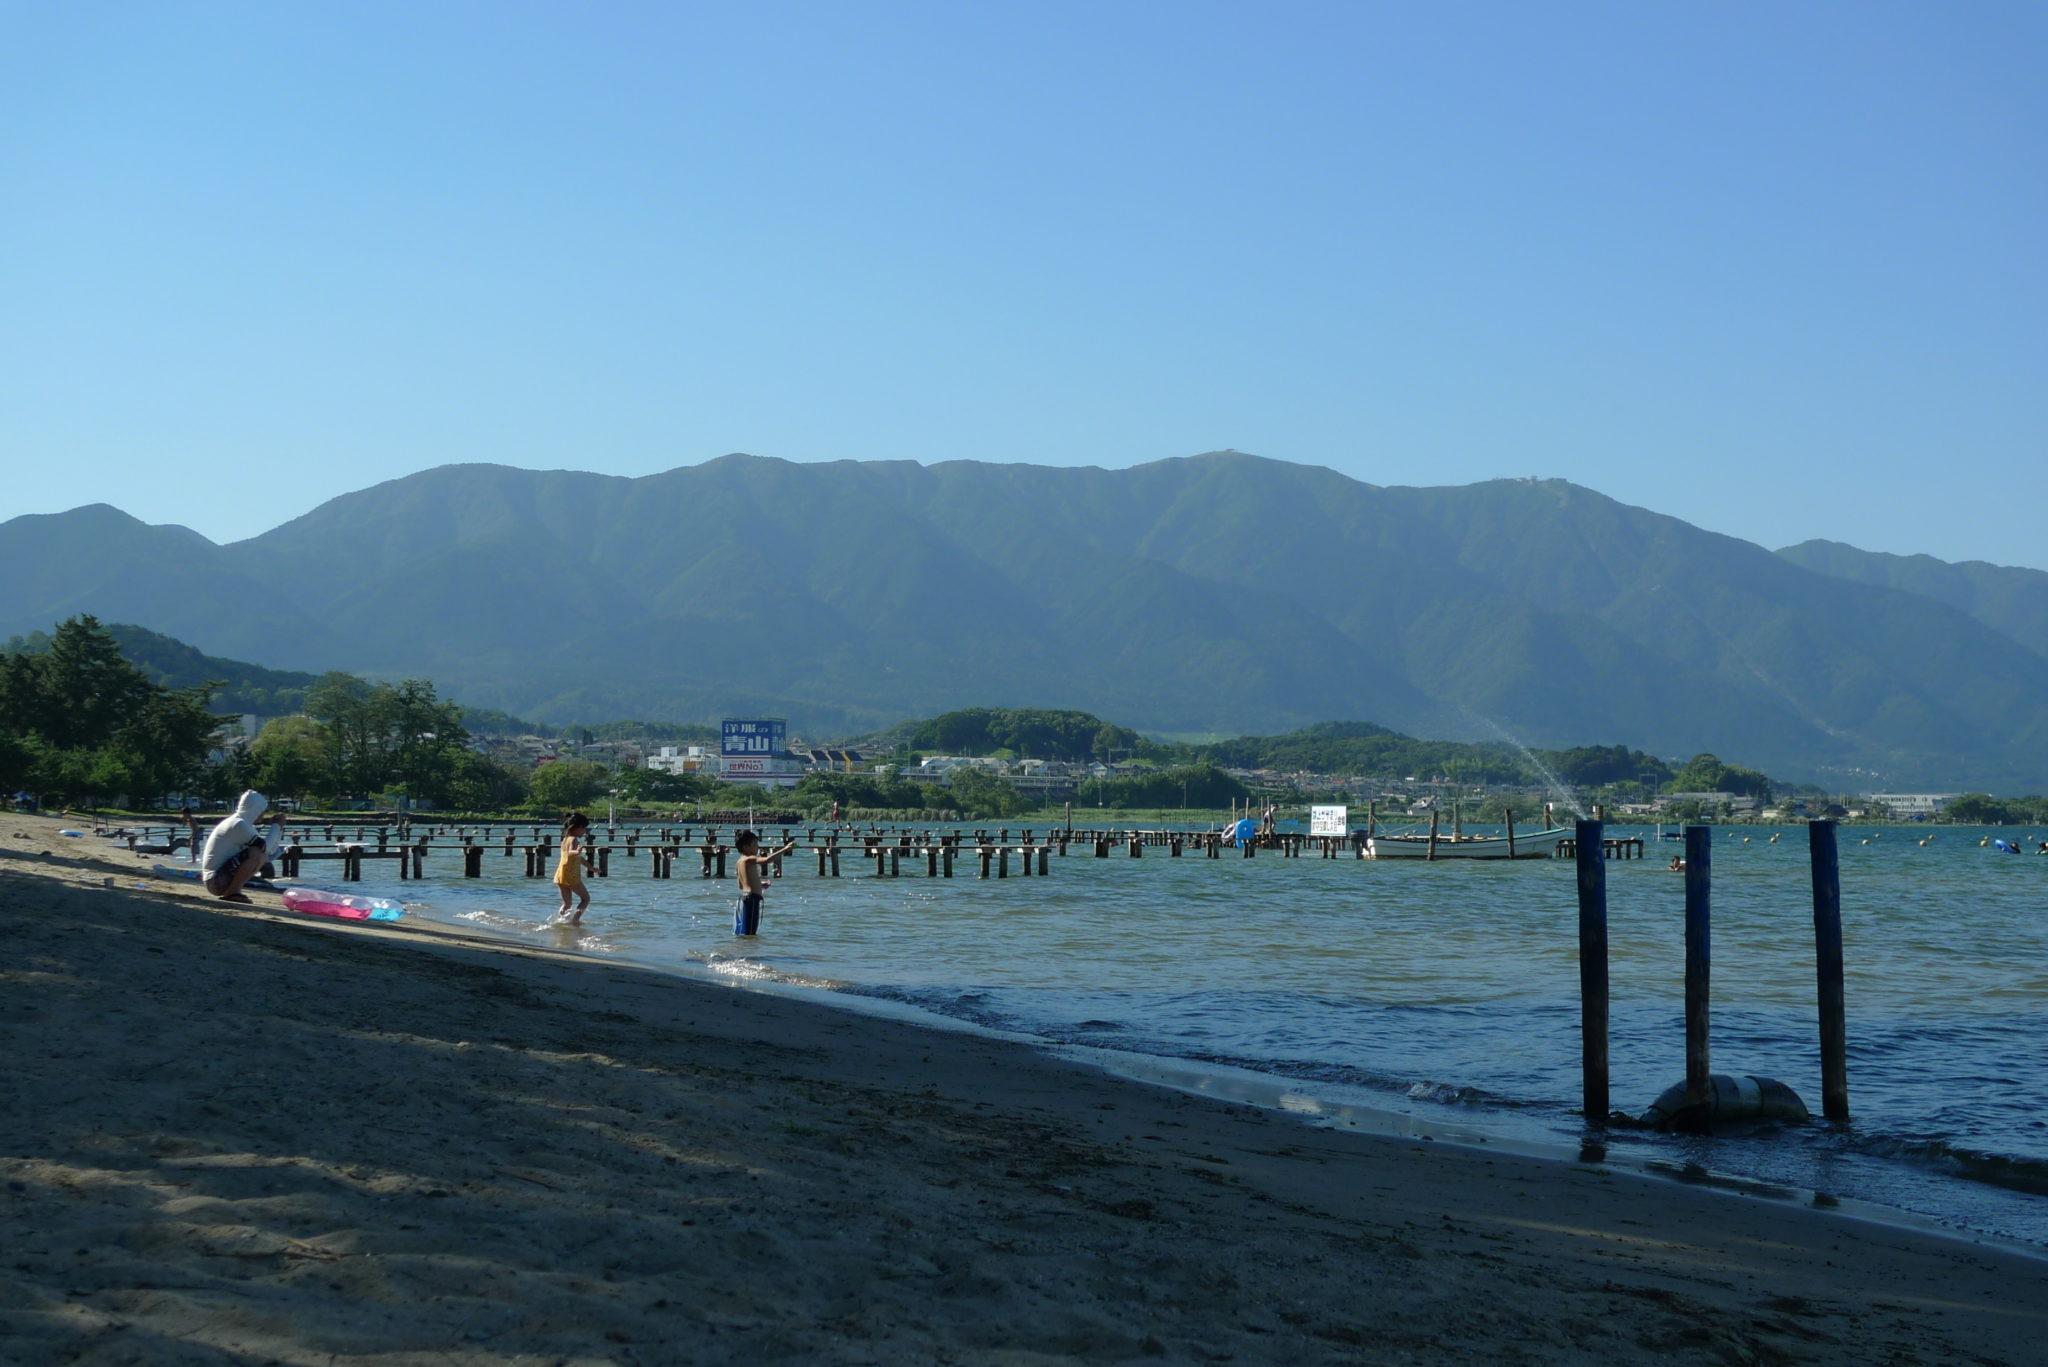 Japan Urlaub: Wann ist die beste Reisezeit?